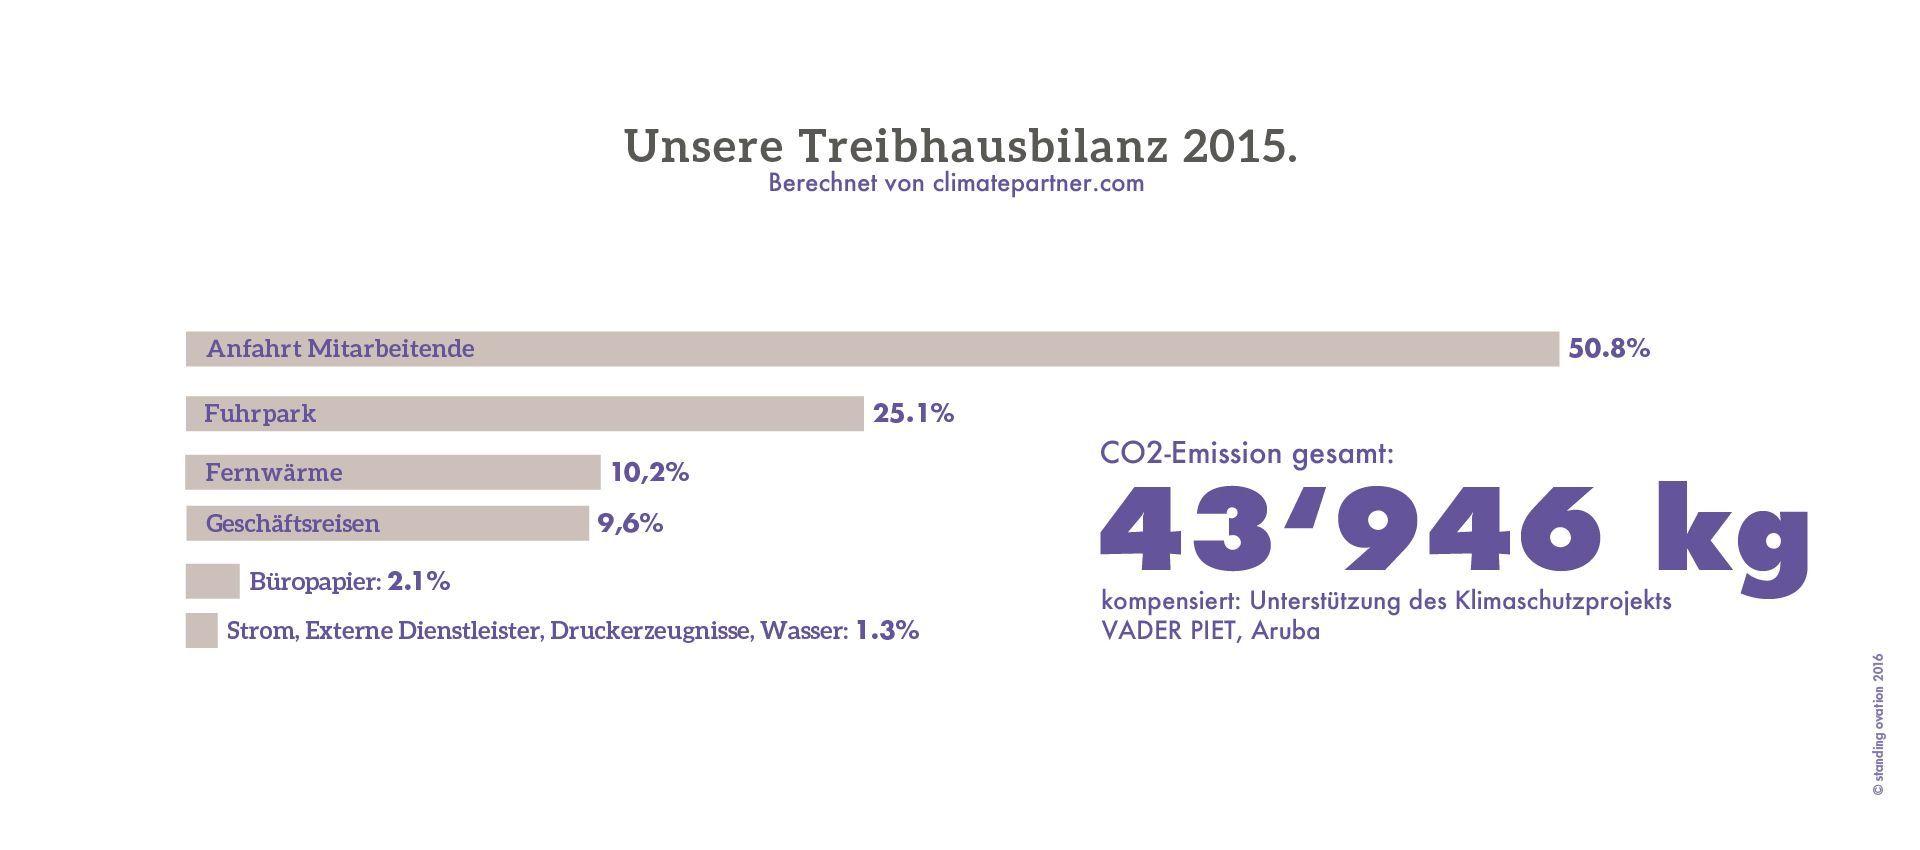 01_Nachhaltigkeit_Grafik_Treibhausbilanz_D